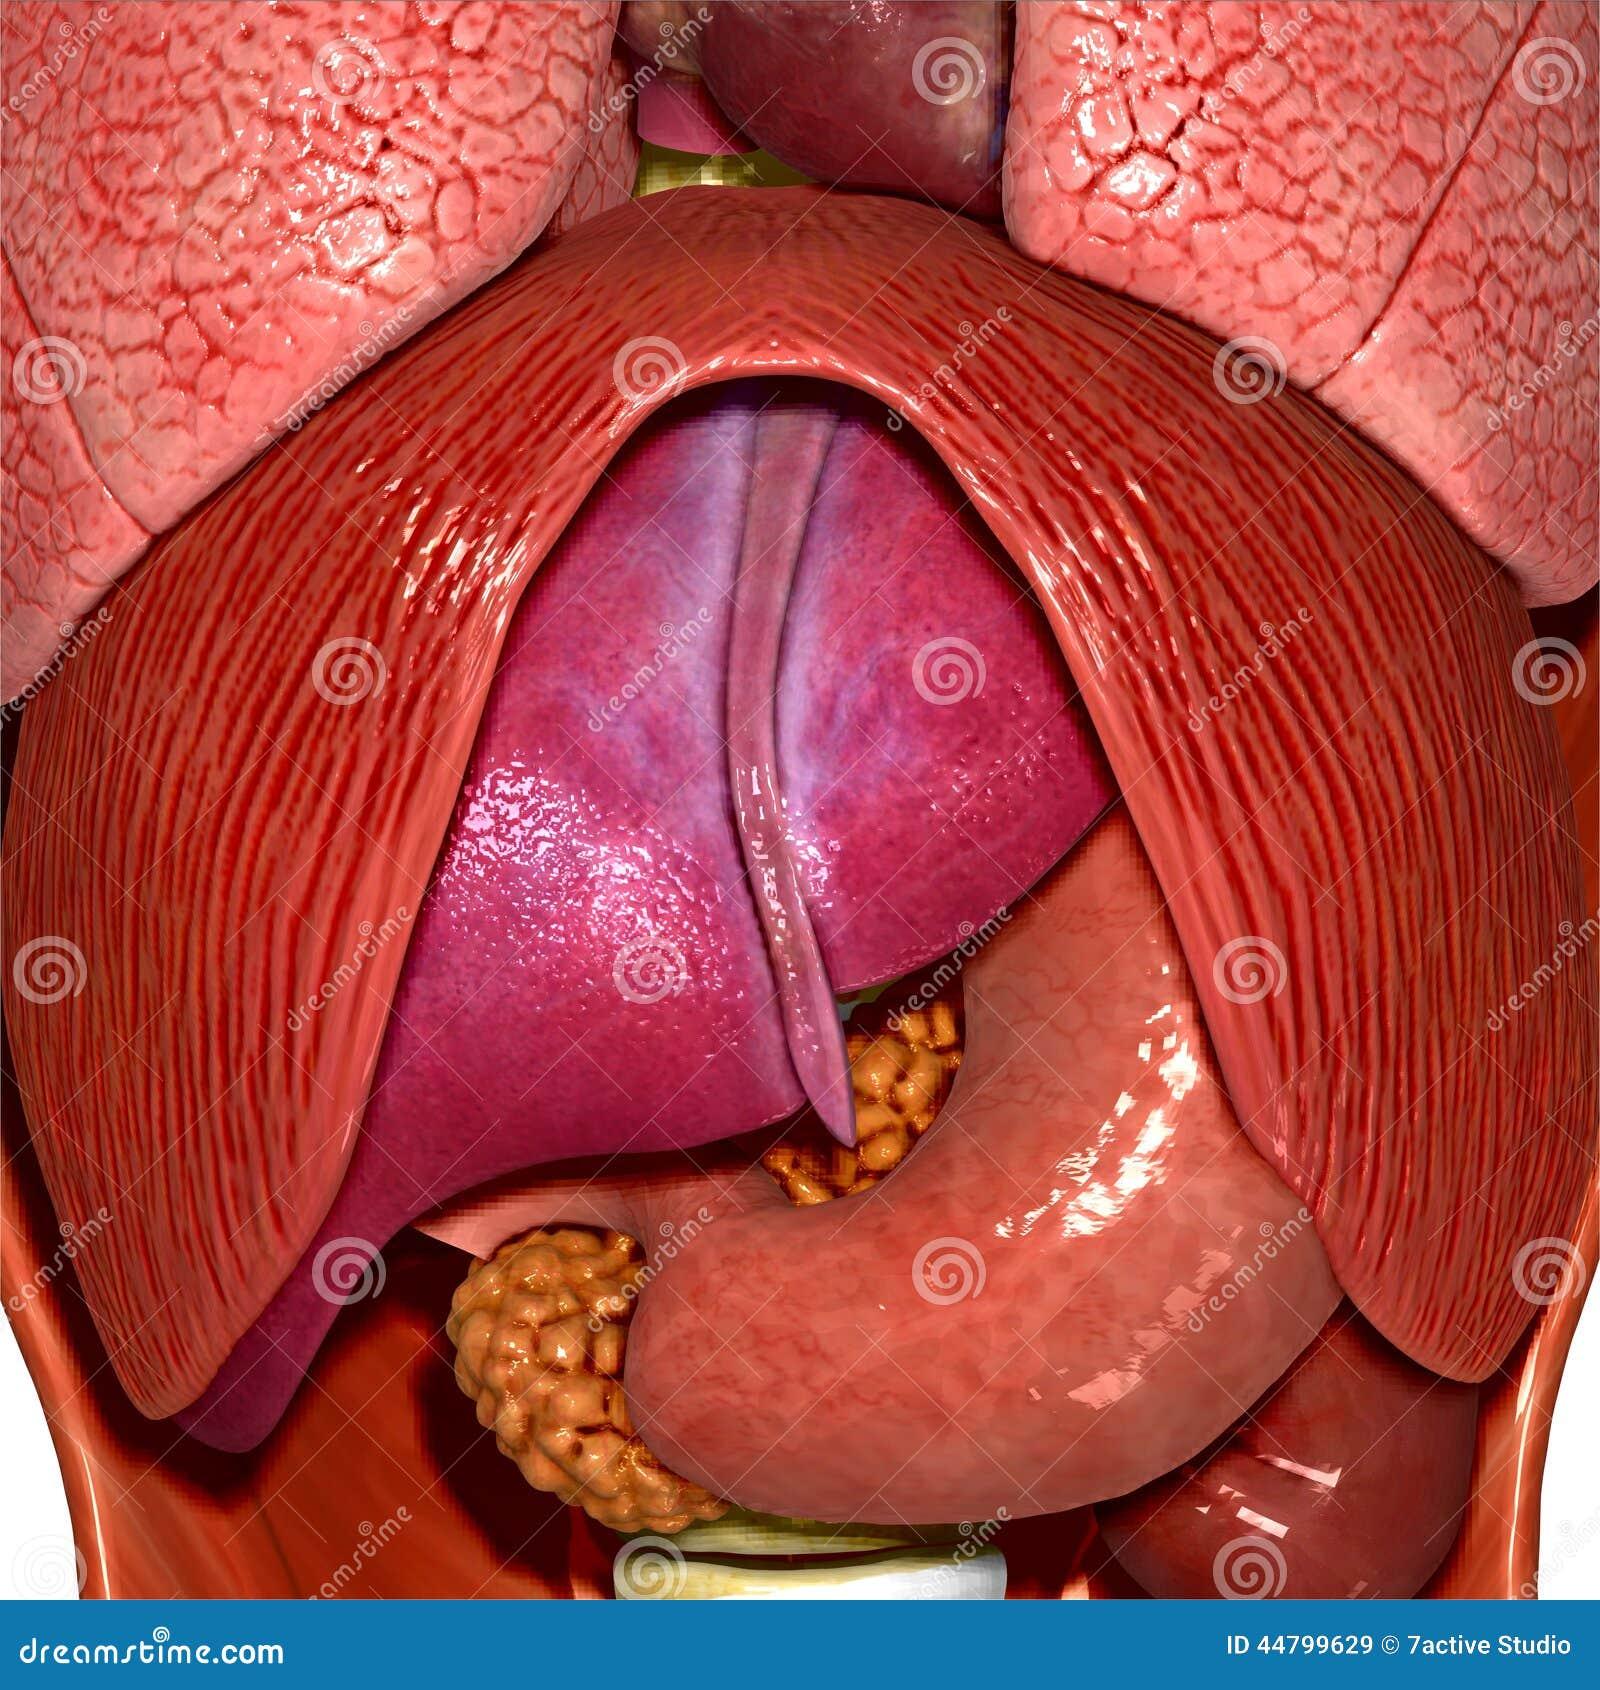 Menschliche Anatomie stock abbildung. Illustration von humerus ...